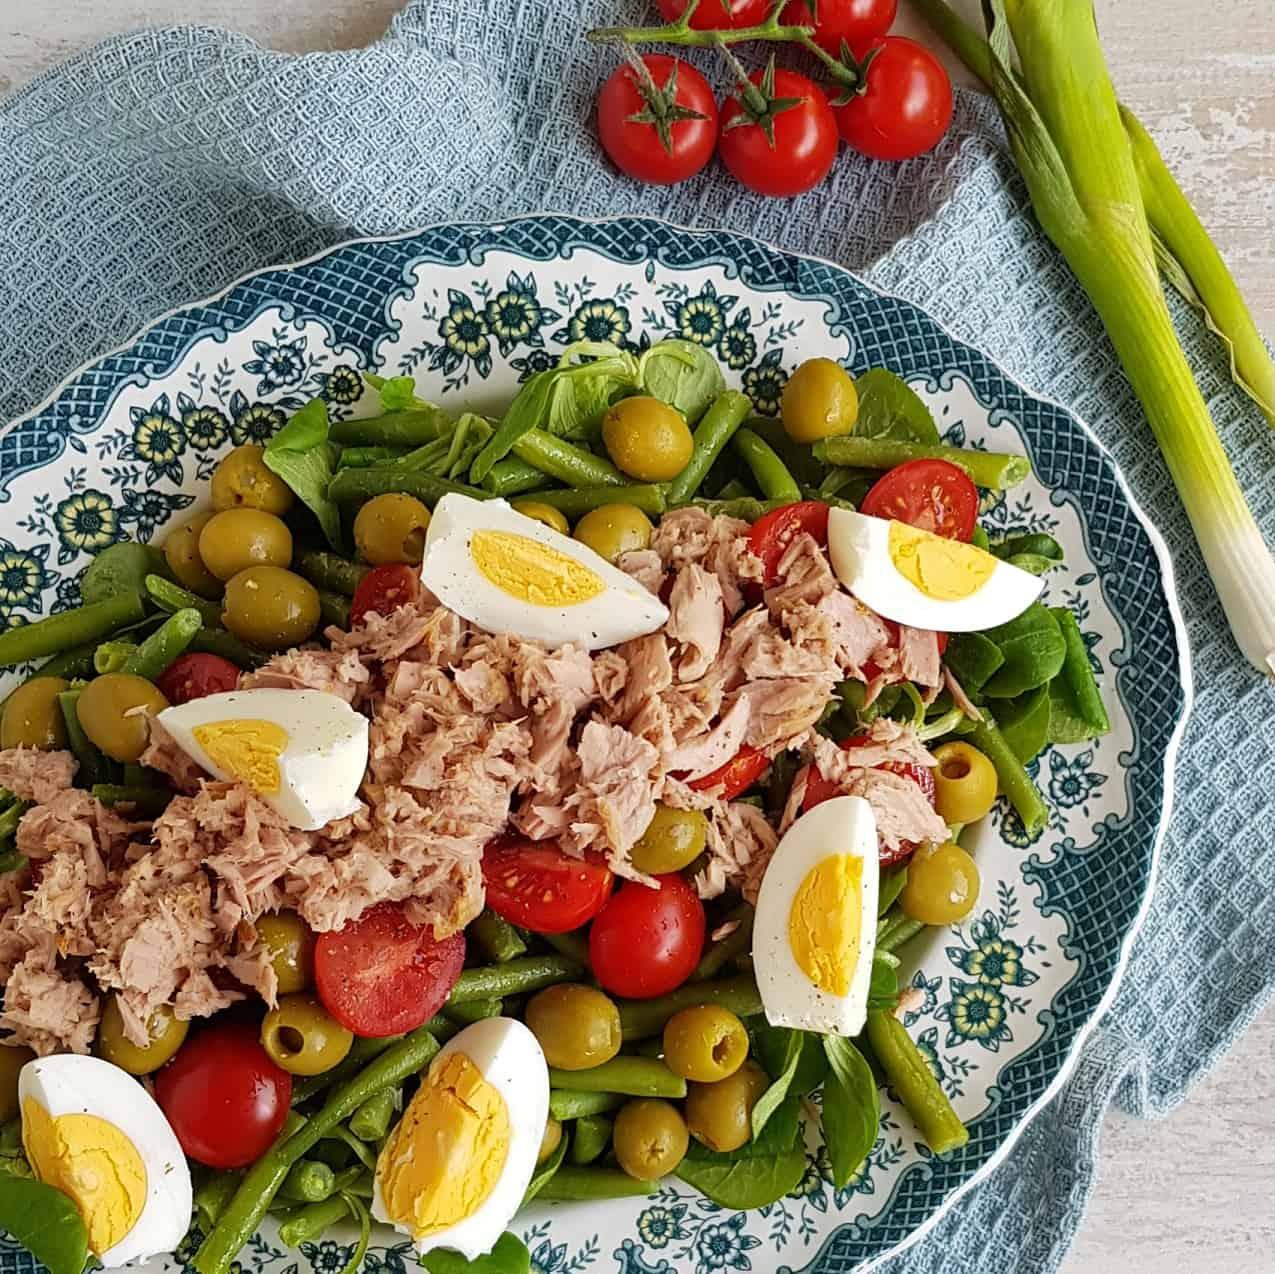 Maaltijdsalade: Salade niçoise